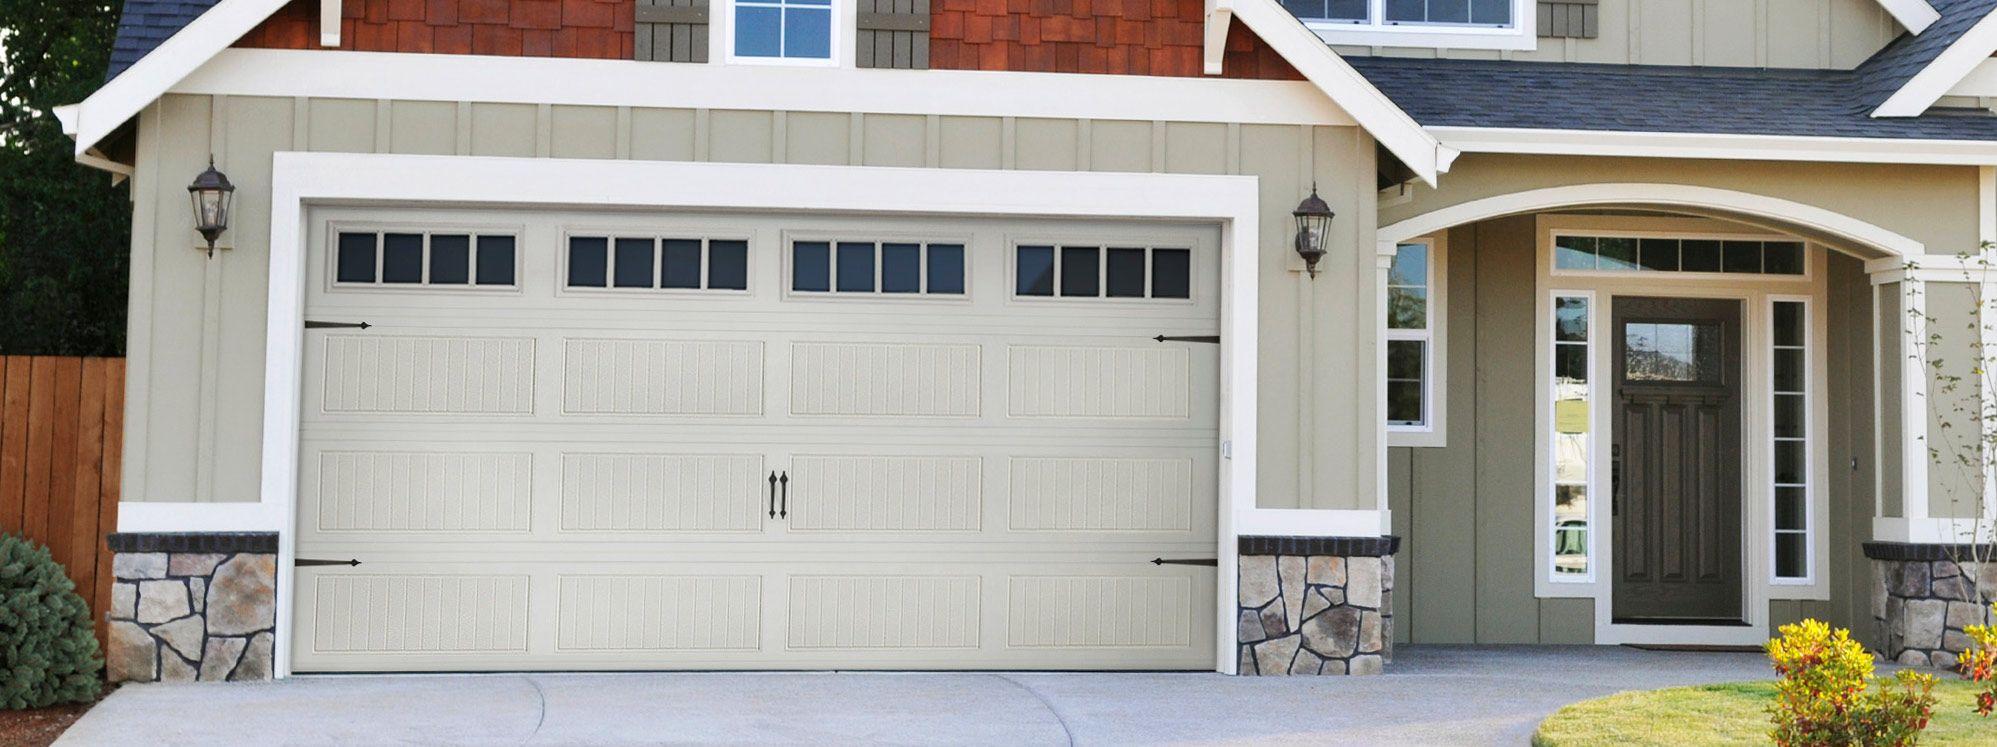 Garage Door Fixing Put Door Back On Track Automatic garage door ...